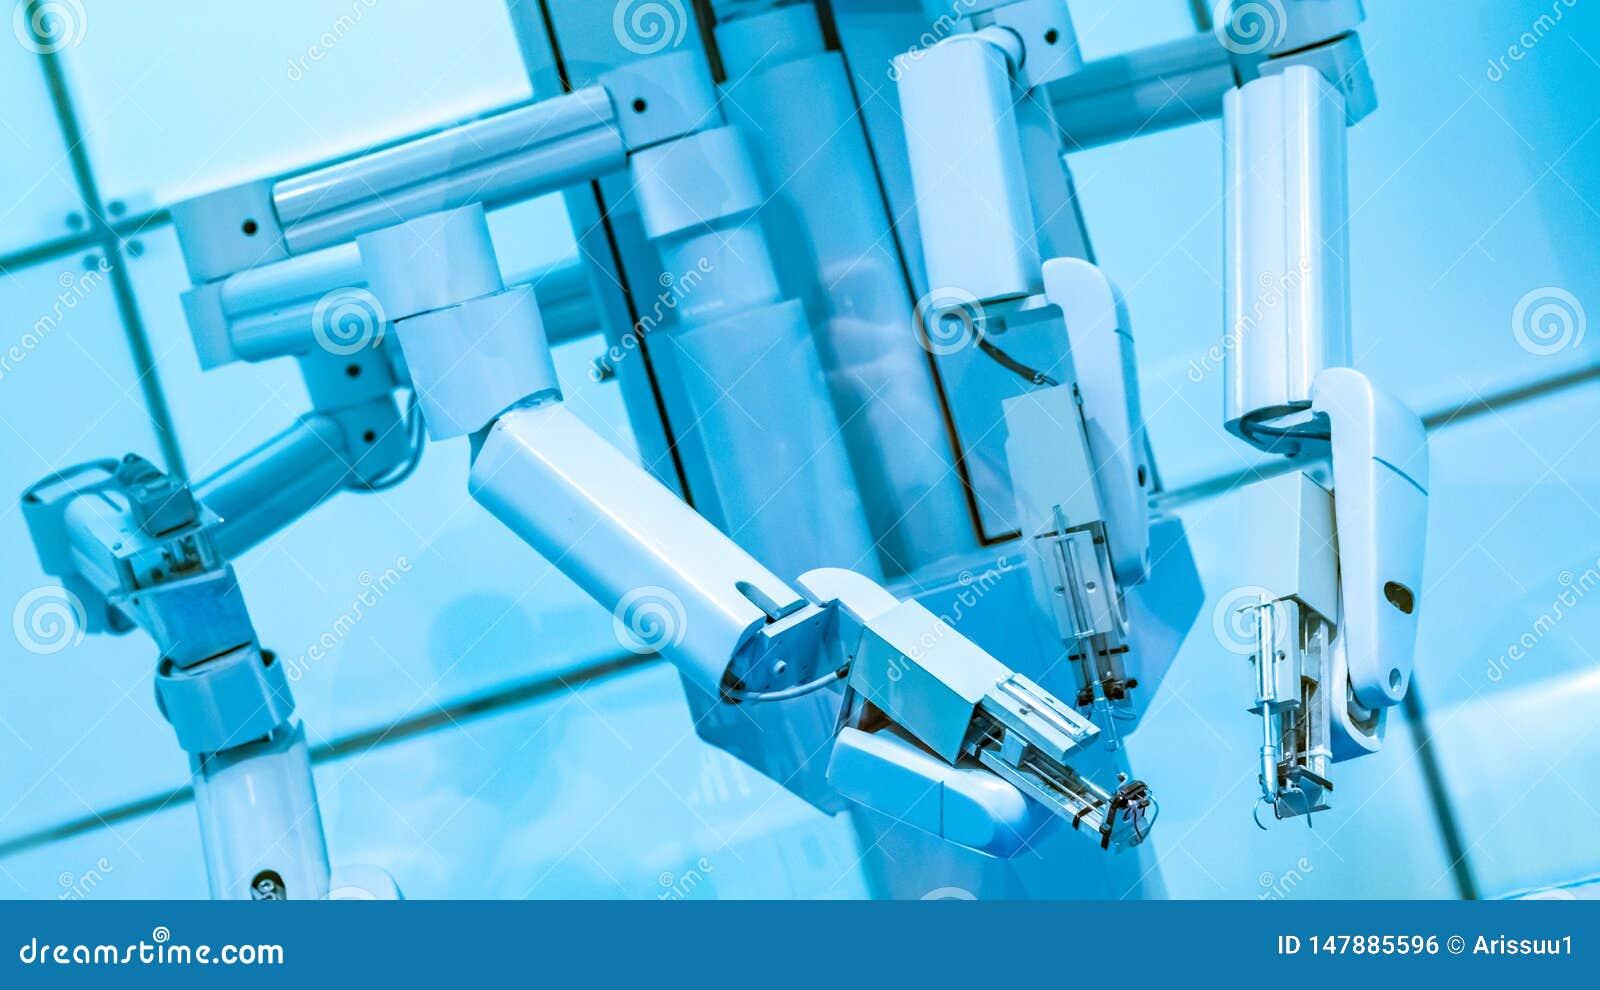 Industrial Robot Hand Mechanism Technology